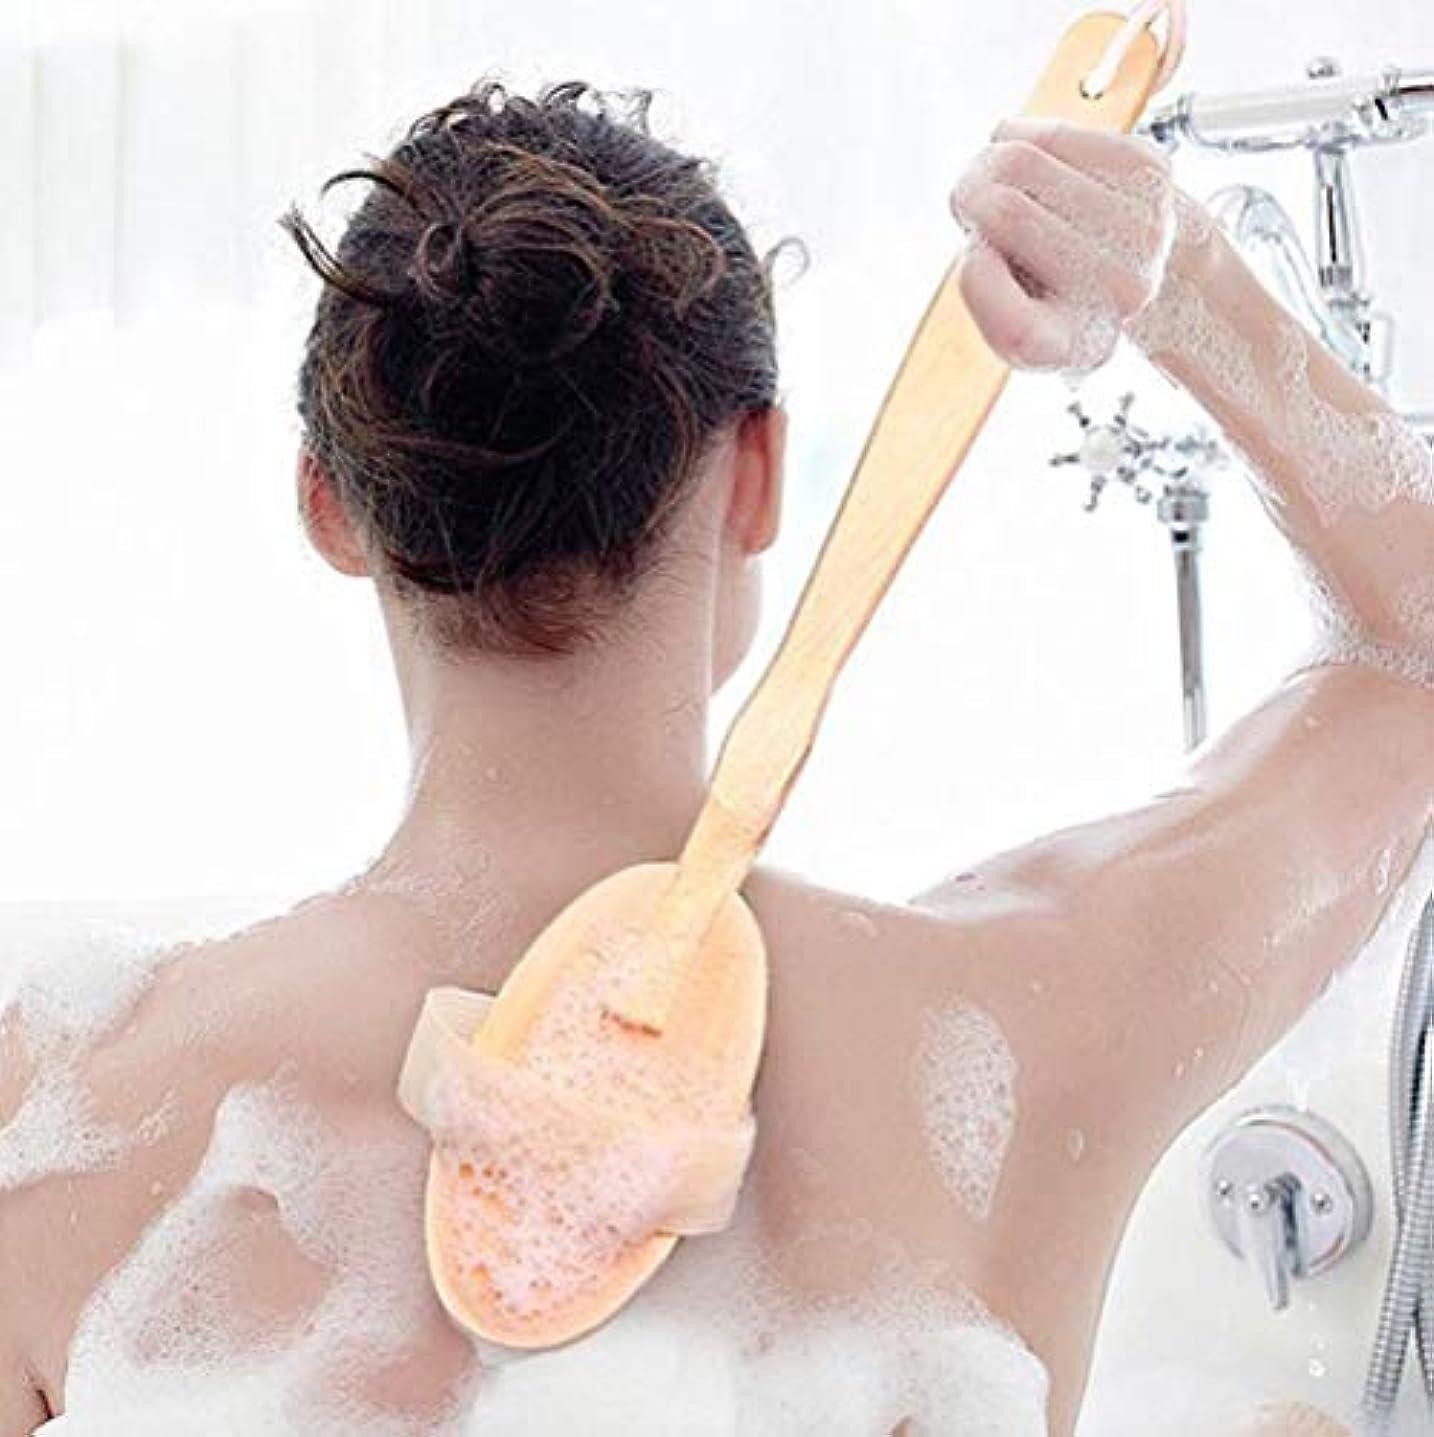 浸すグリーンランドレモン木製の長いハンドルバスブラシ豚毛ブラシ乾燥肌ボディブラシシャワードライクリーニングブラシ剥離